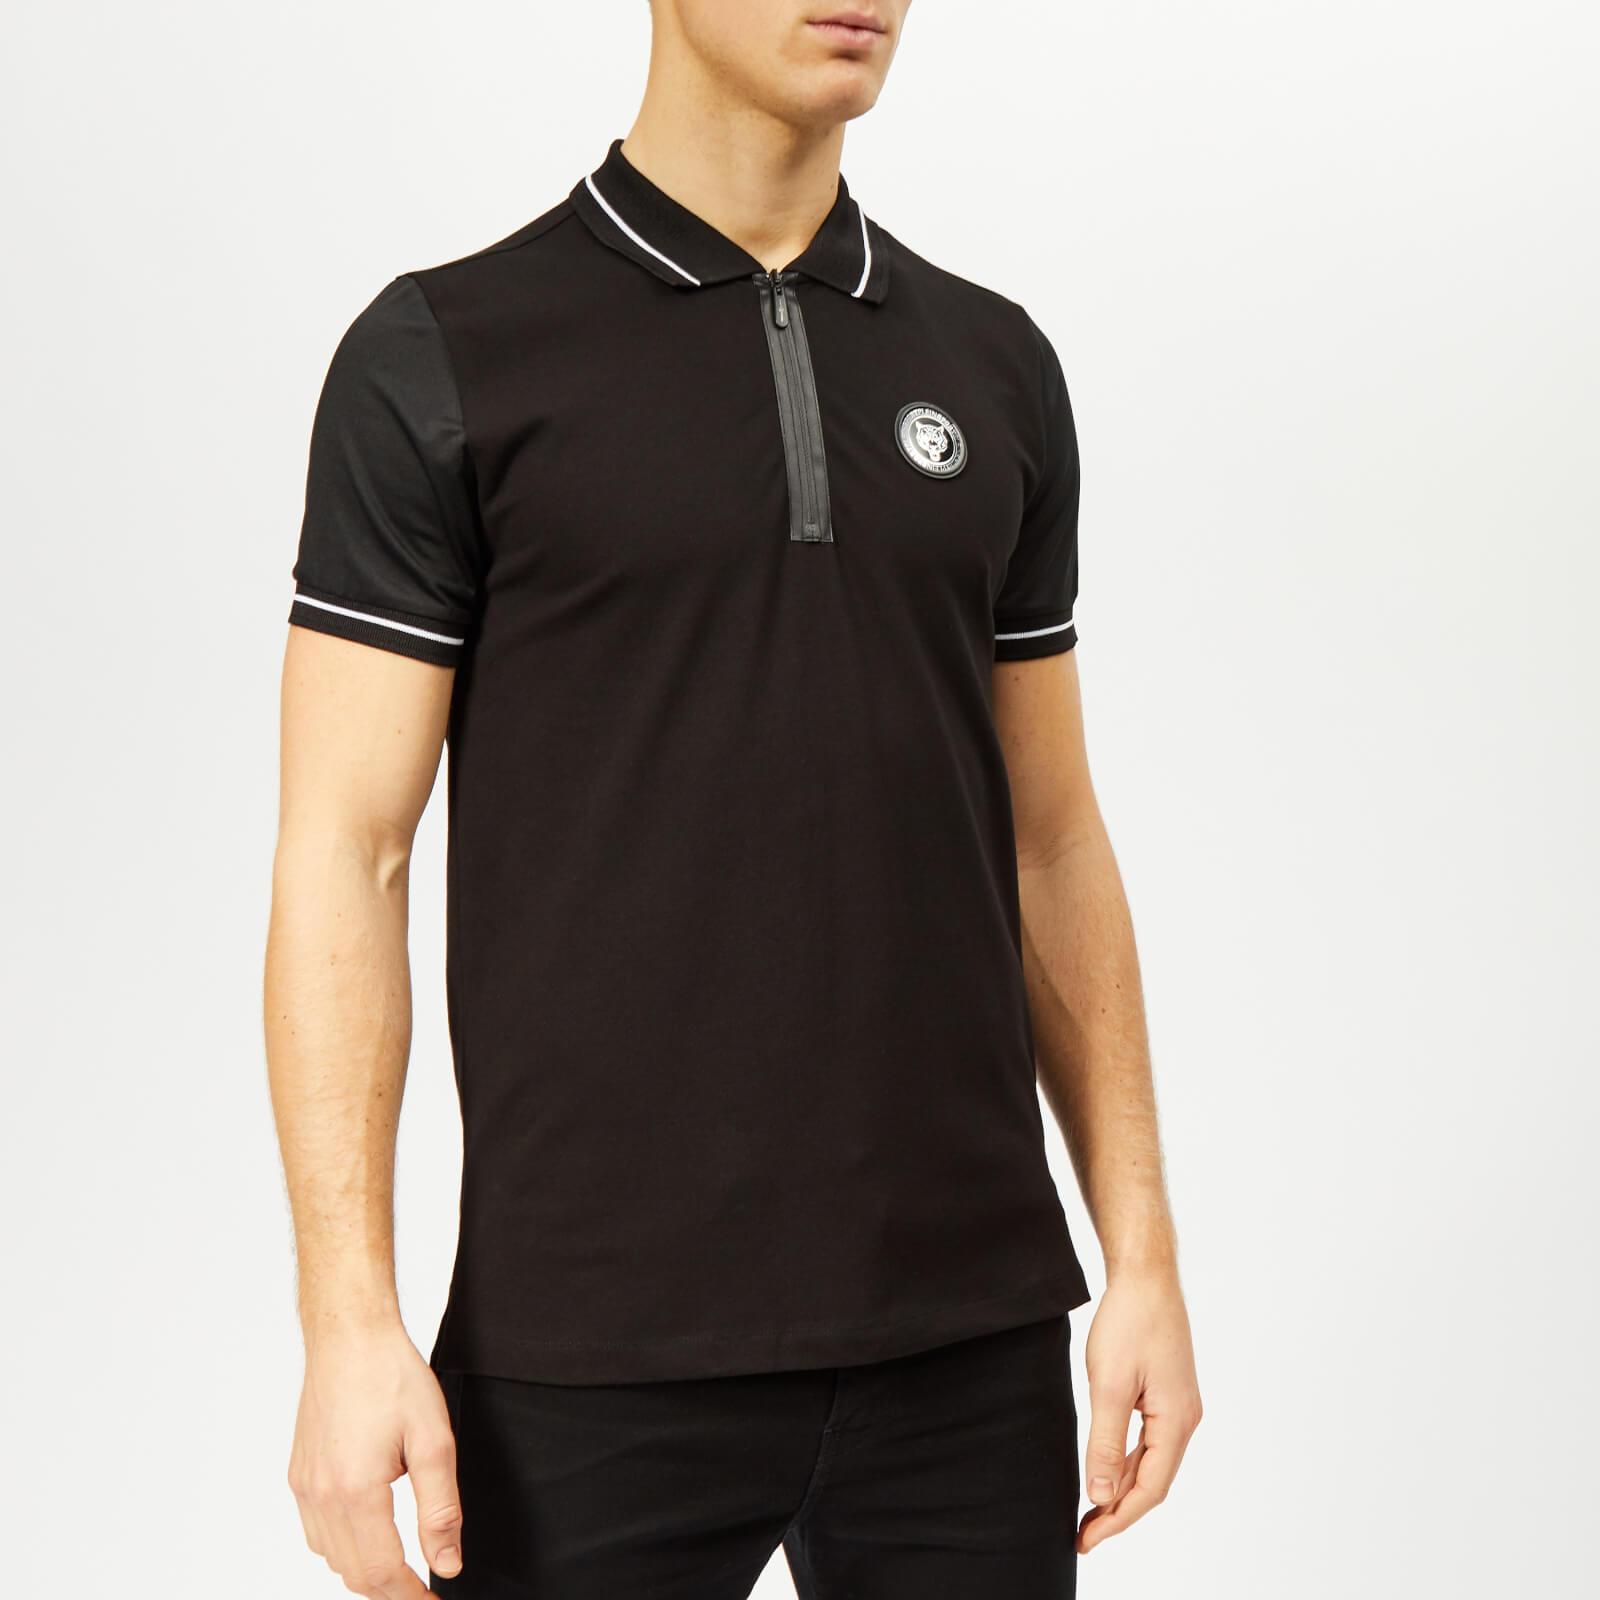 Plein Sport Men's Statement Polo-Shirt - Black/White - M - Black/White